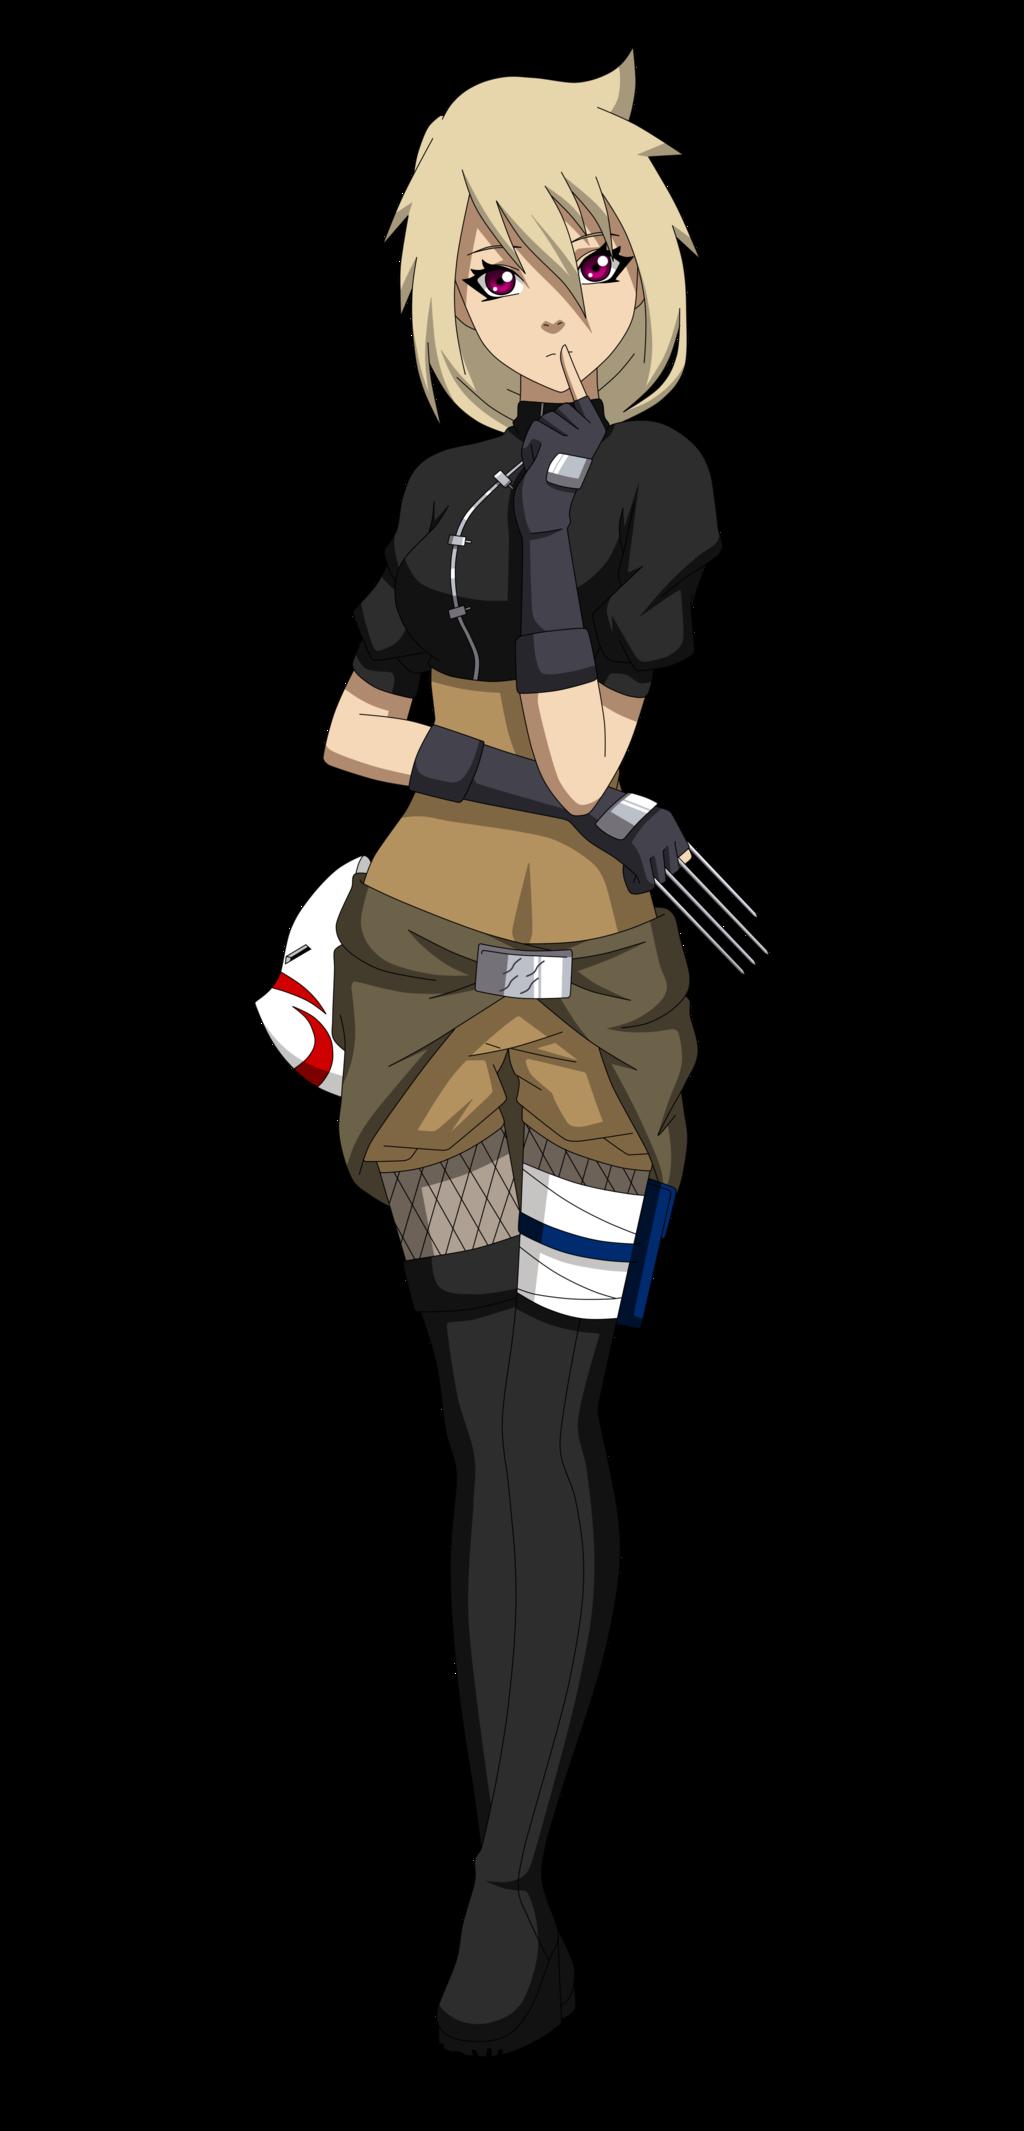 Anime Characters Naruto : Naruto shippuuden oc tsukino kisho by shuragirlsayuri